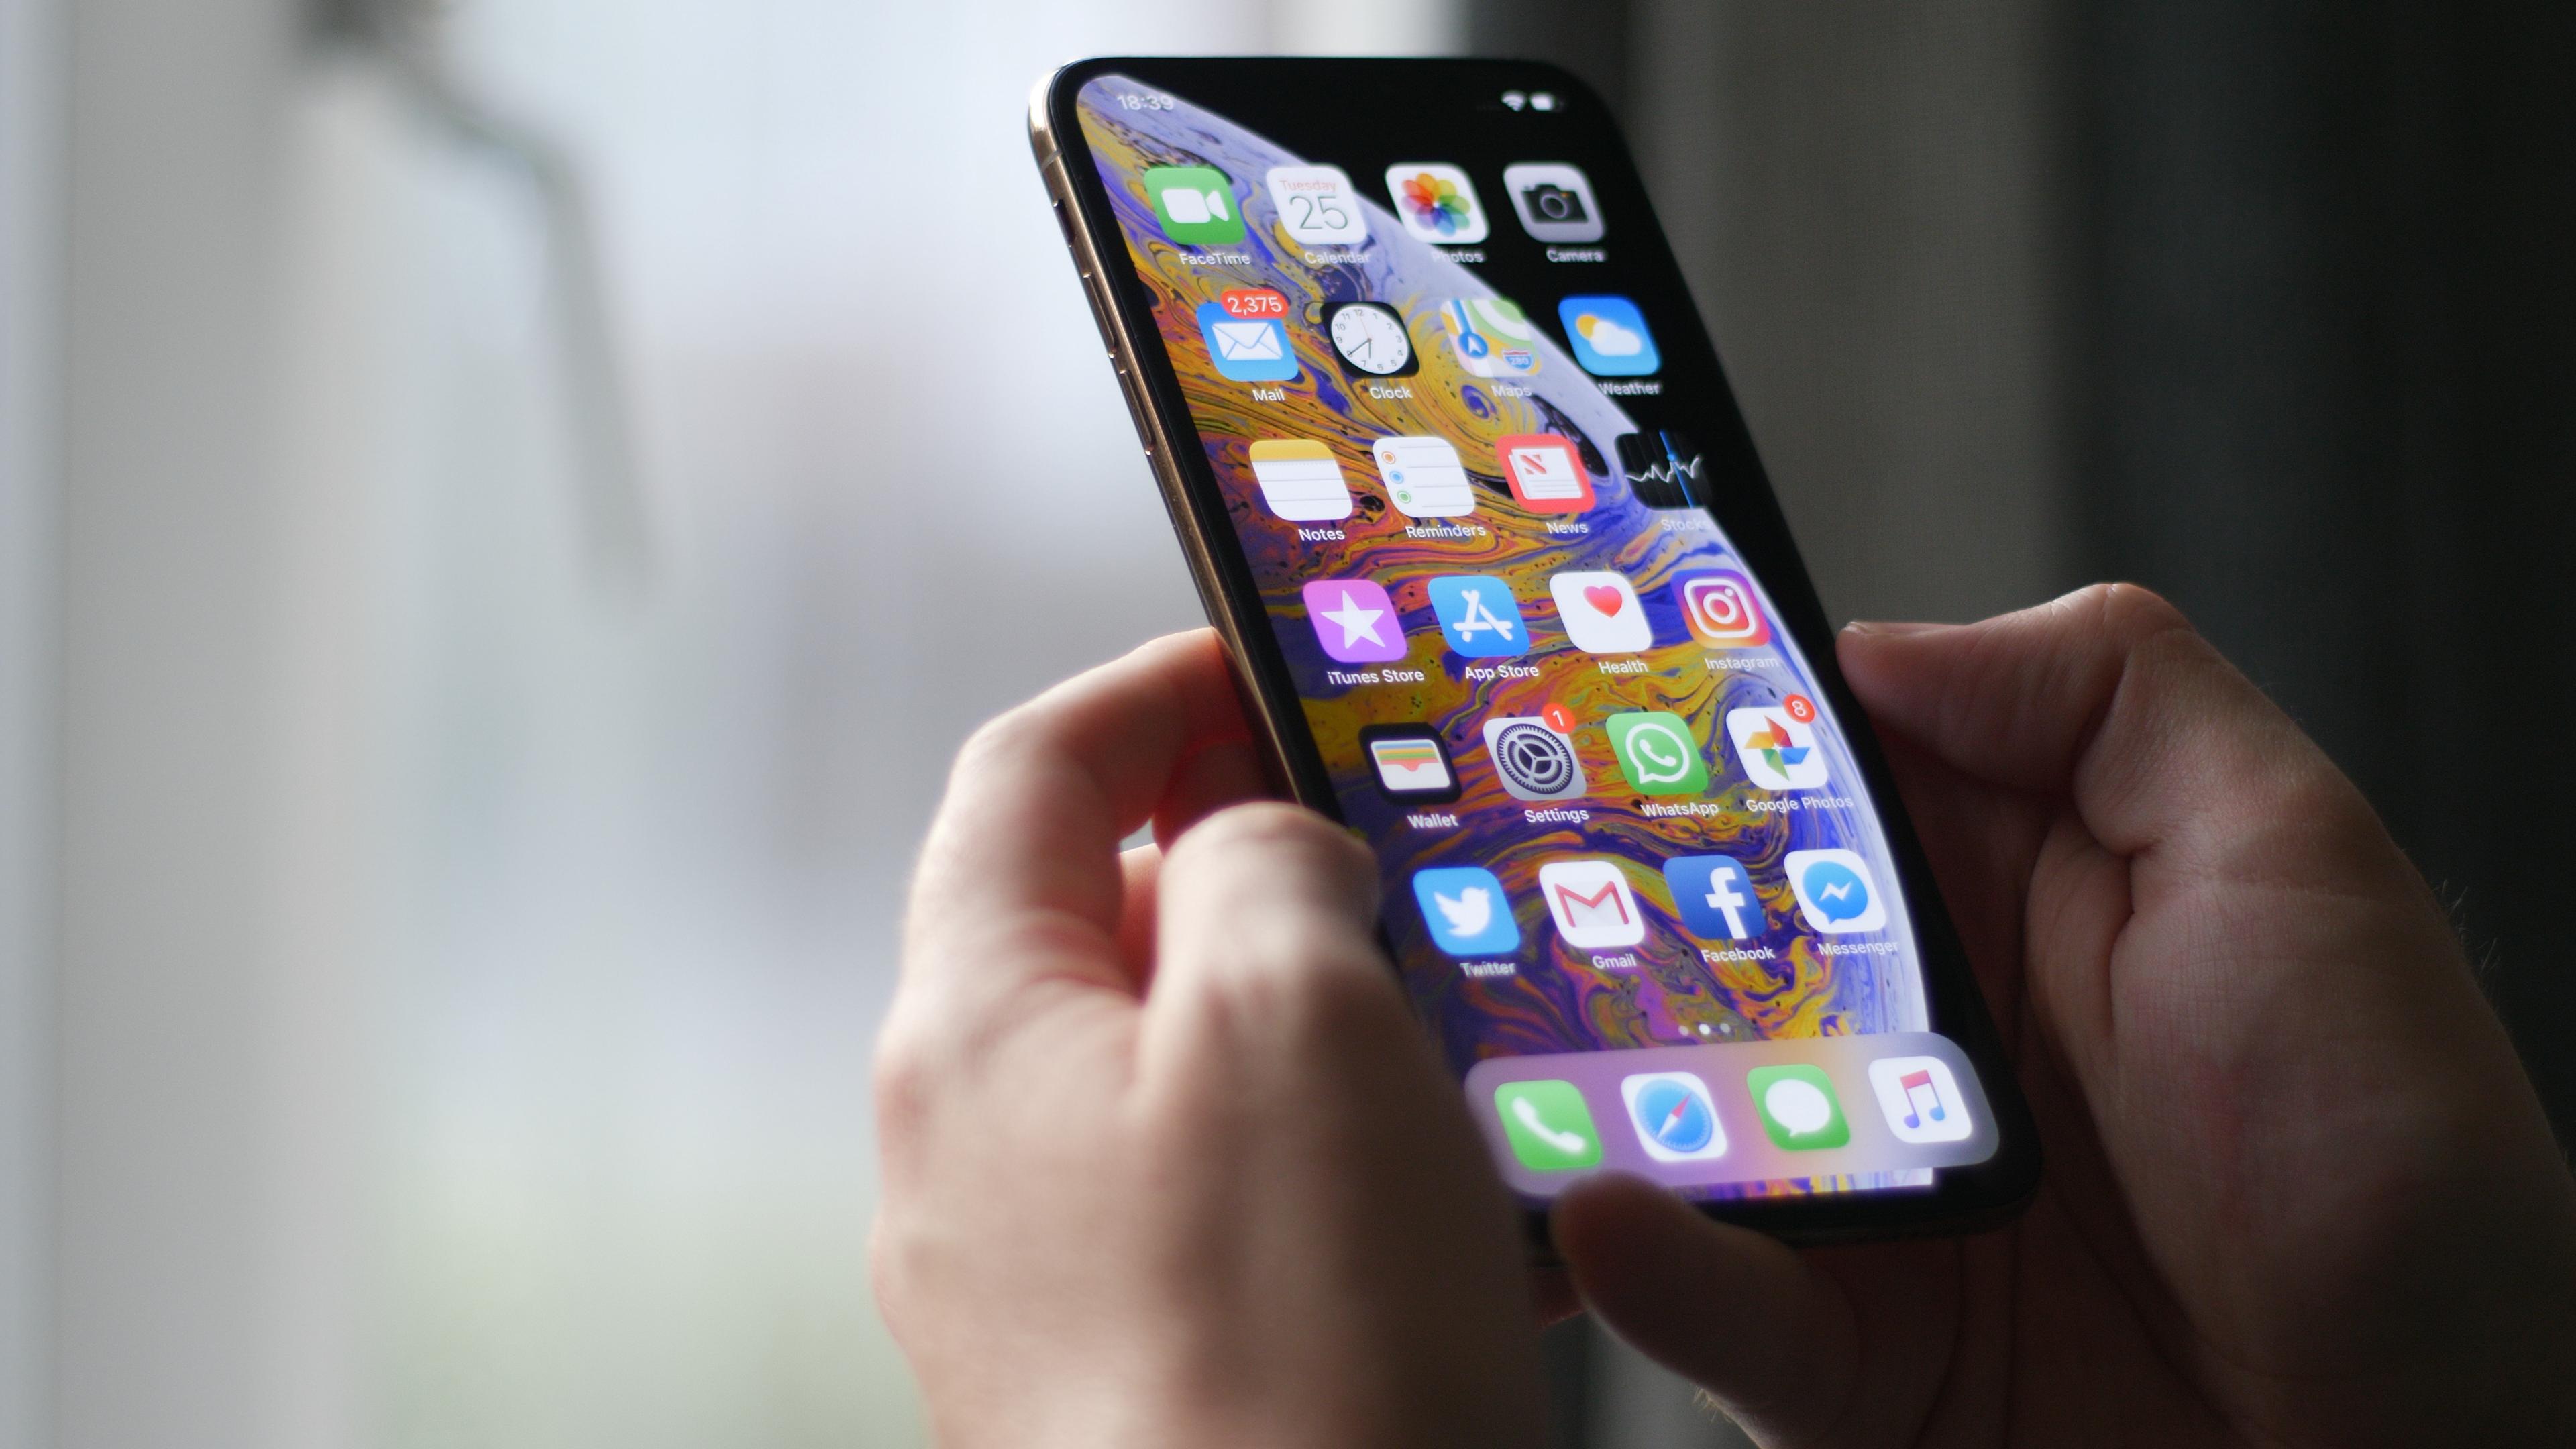 Обновление iOS 12.1.2 усугубило проблему новых iPhone - фото 110 | Сервисный центр Total Apple